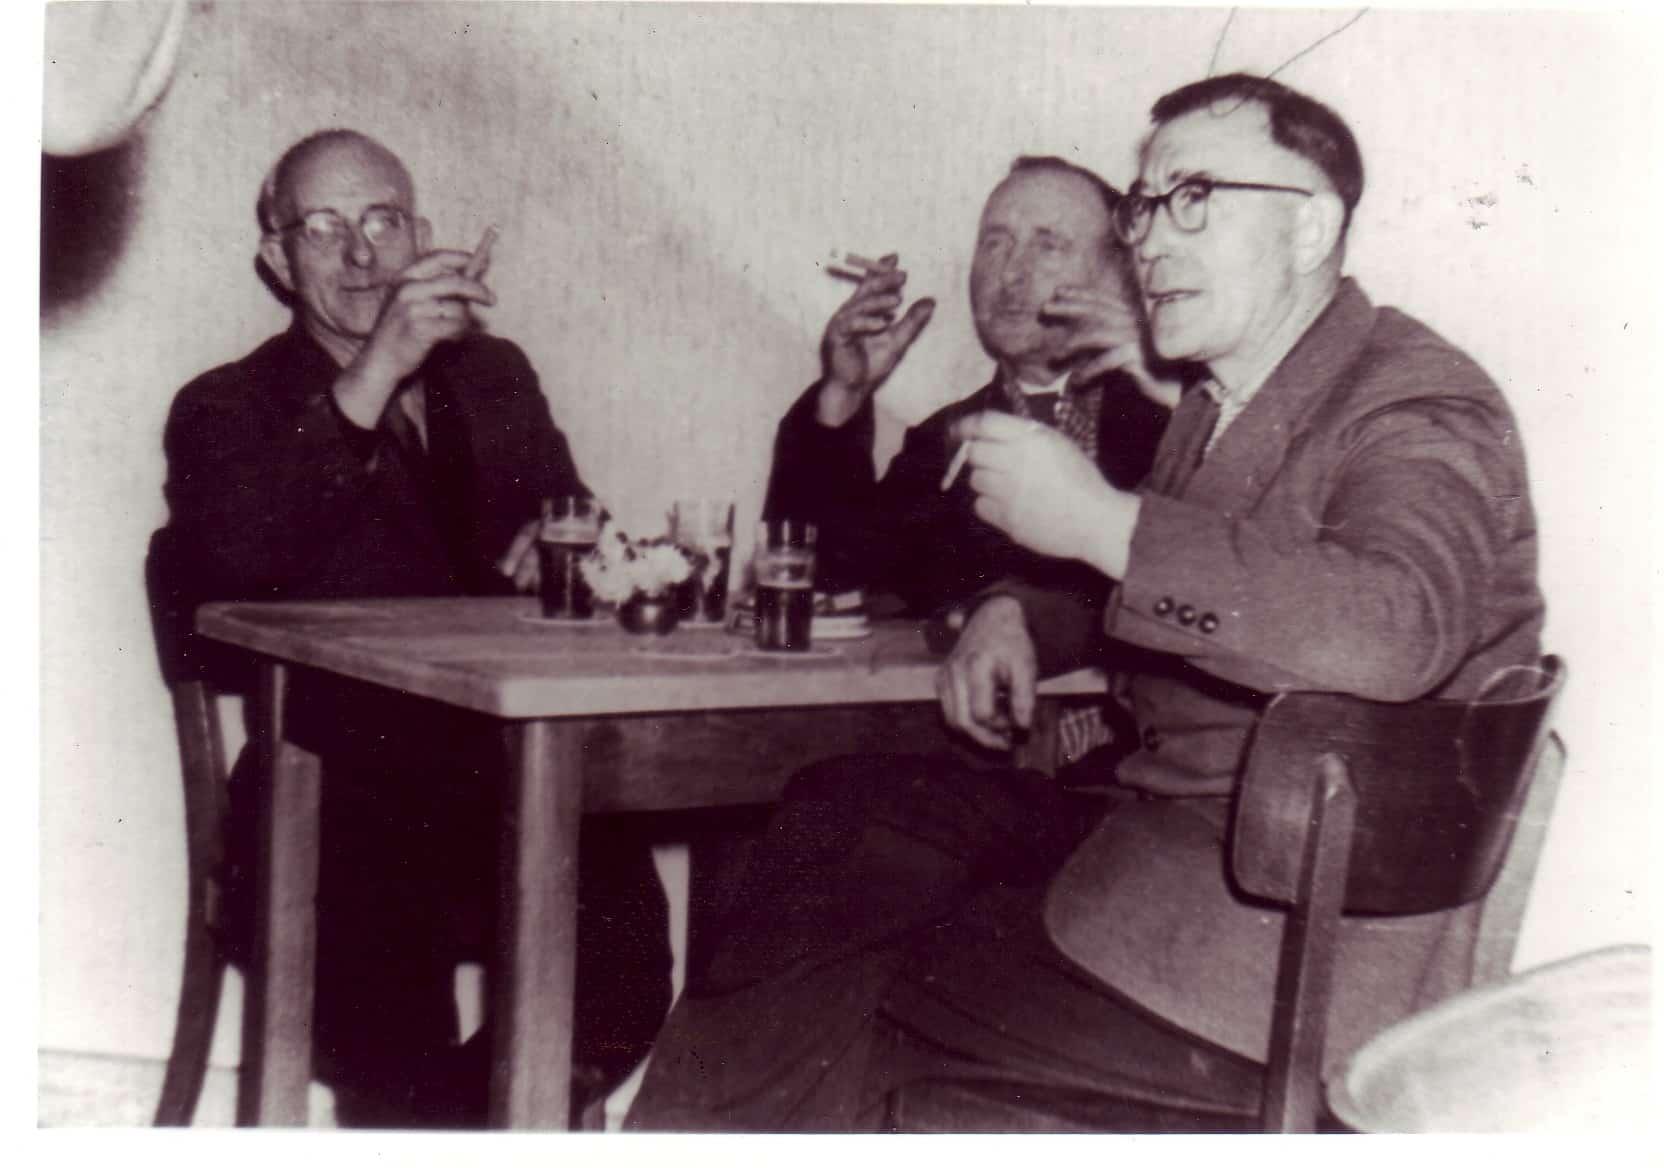 1959 - v.l. August Benkhoff, Hermann Lösbrock, Franz Haring